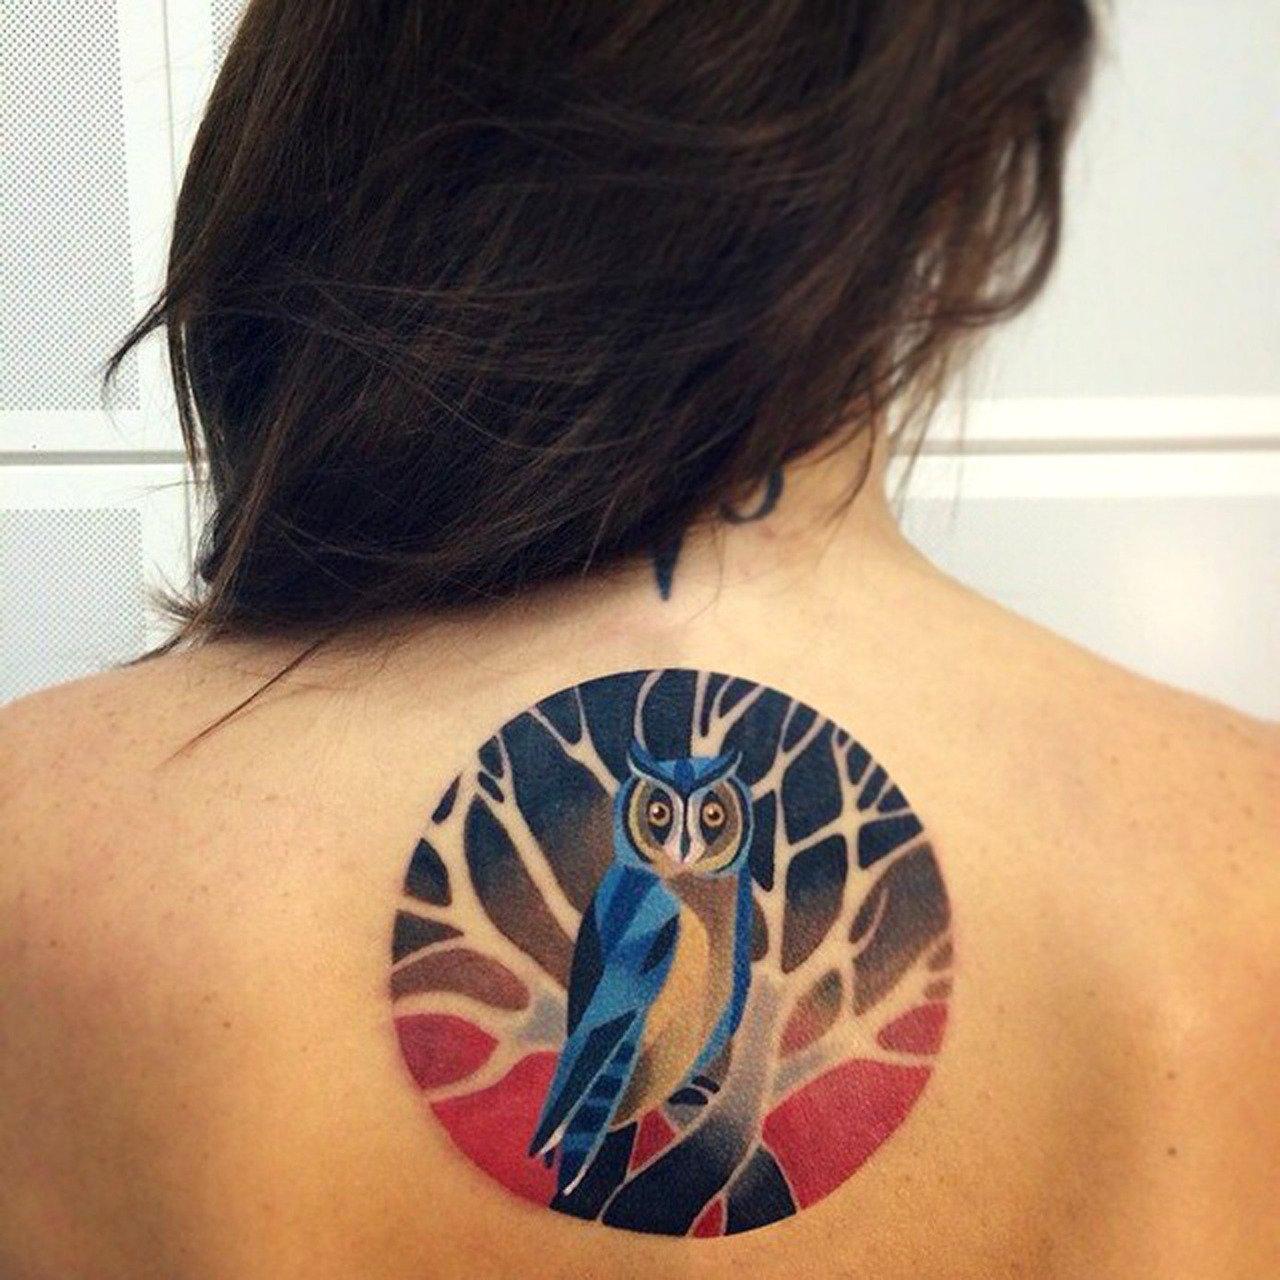 Nietypowe tatuaże #5 25